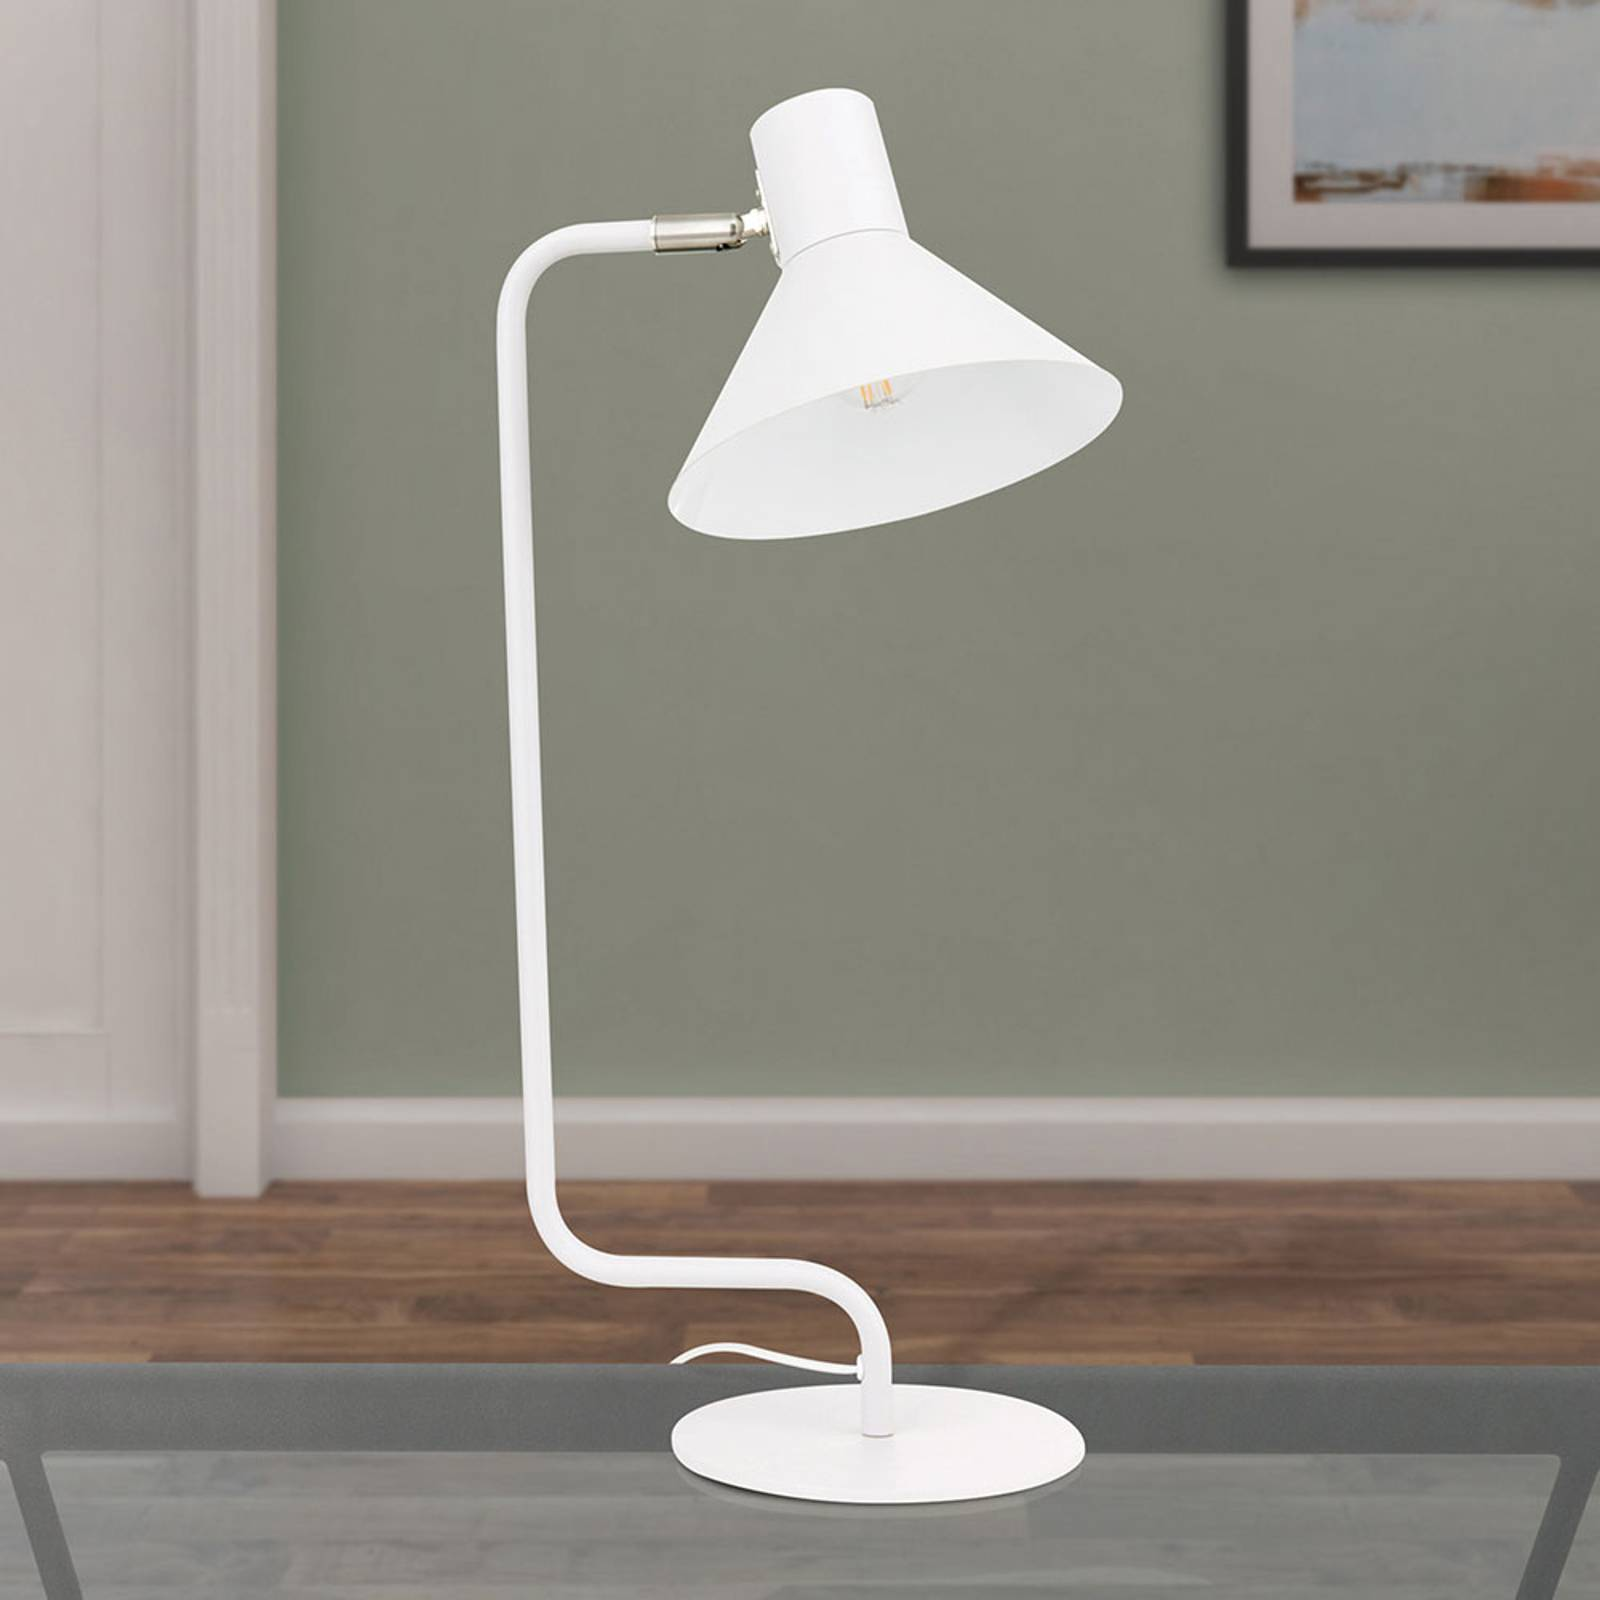 Työpöytälamppu Viktoria, säädettävä pää, valkoinen